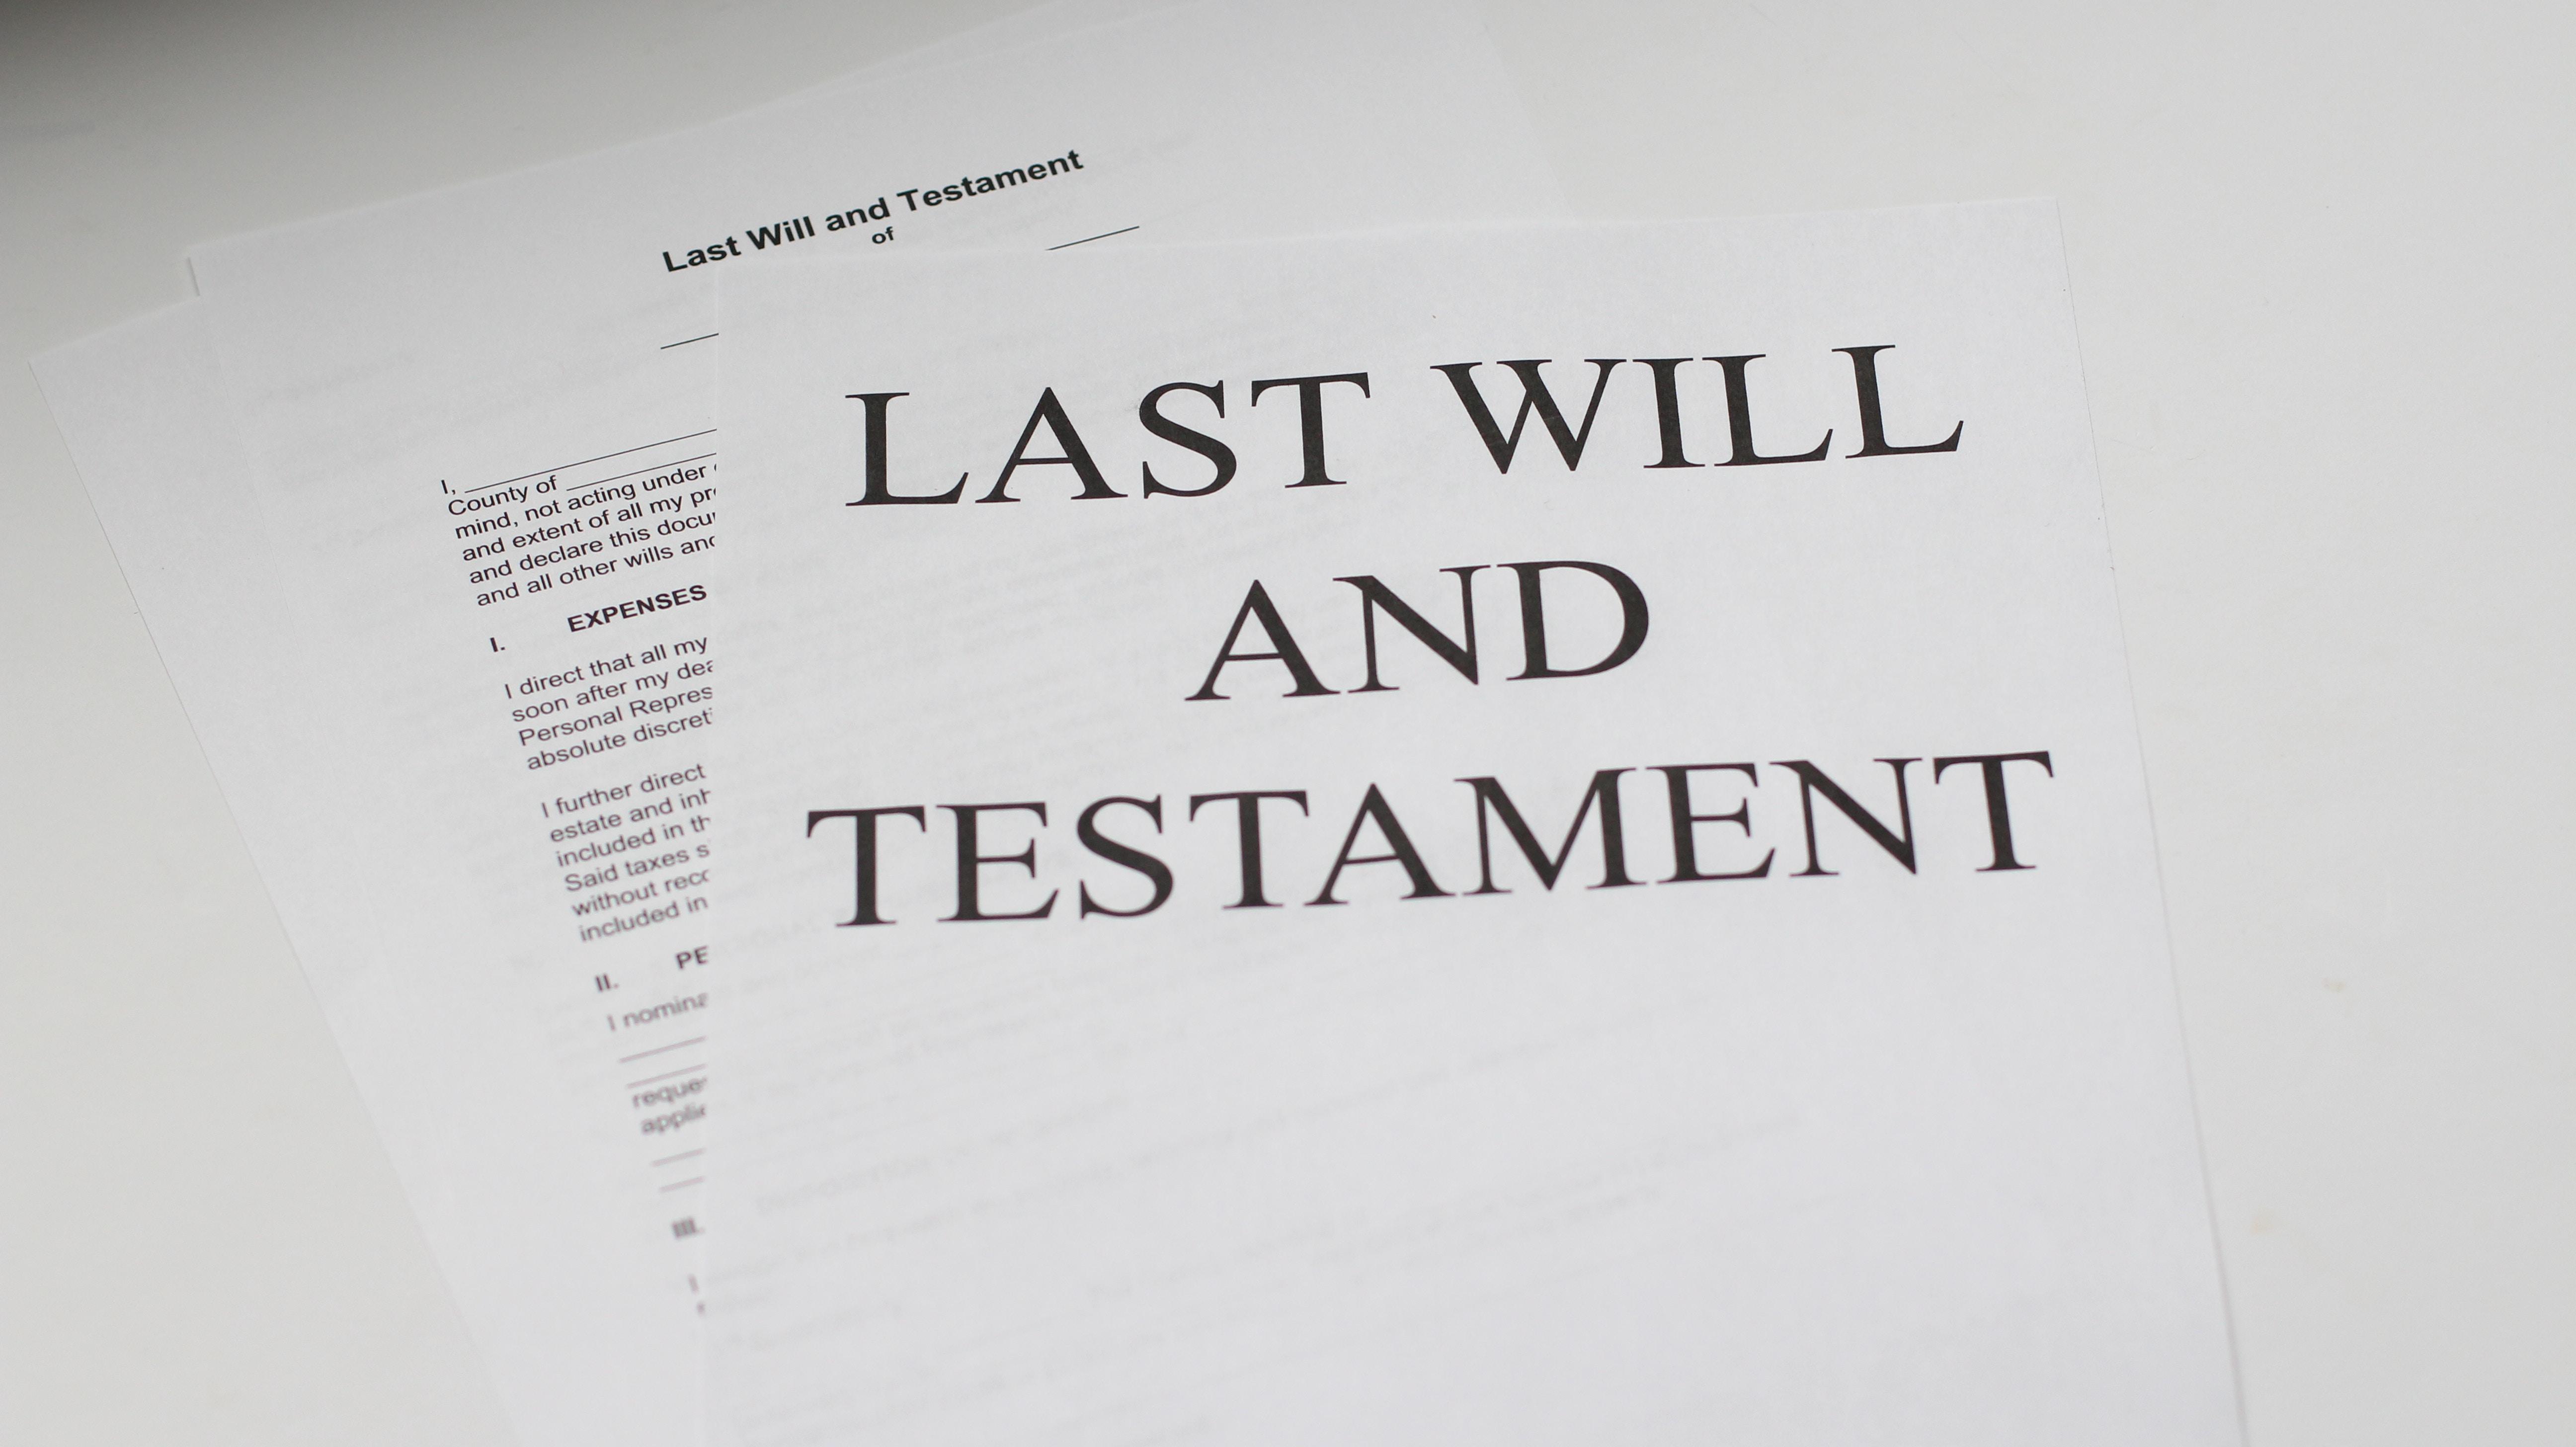 Бывший арбитражный управляющий – он все-таки «бывший», или как кредиторы 4 года арбитражных управляющих меняли